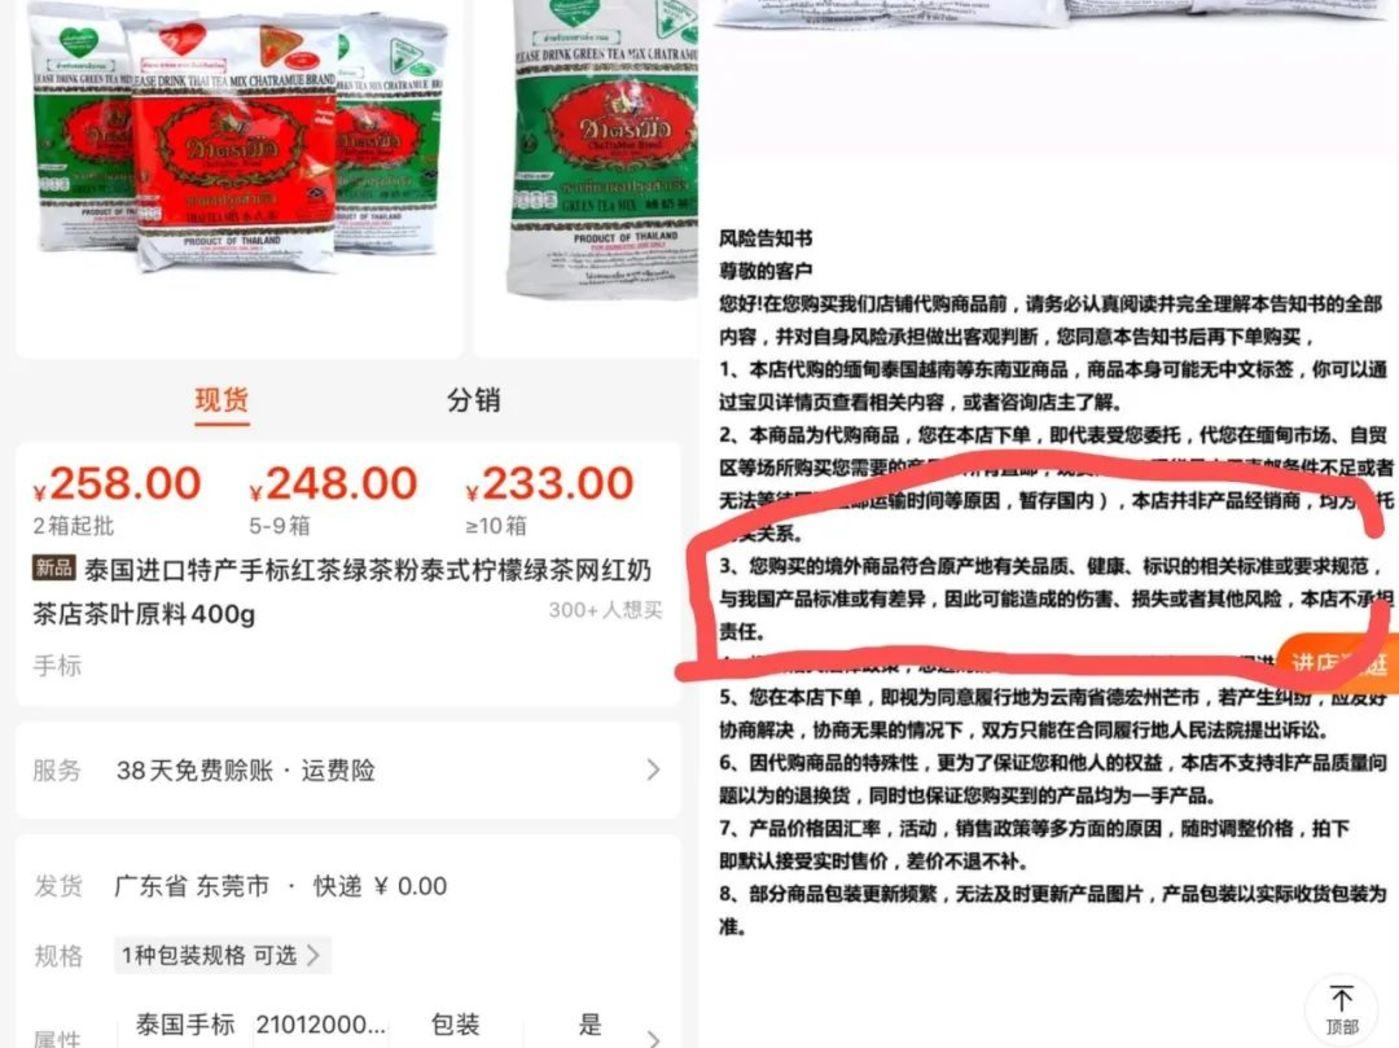 泰式柠檬茶的茶粉标准不符合国内标准